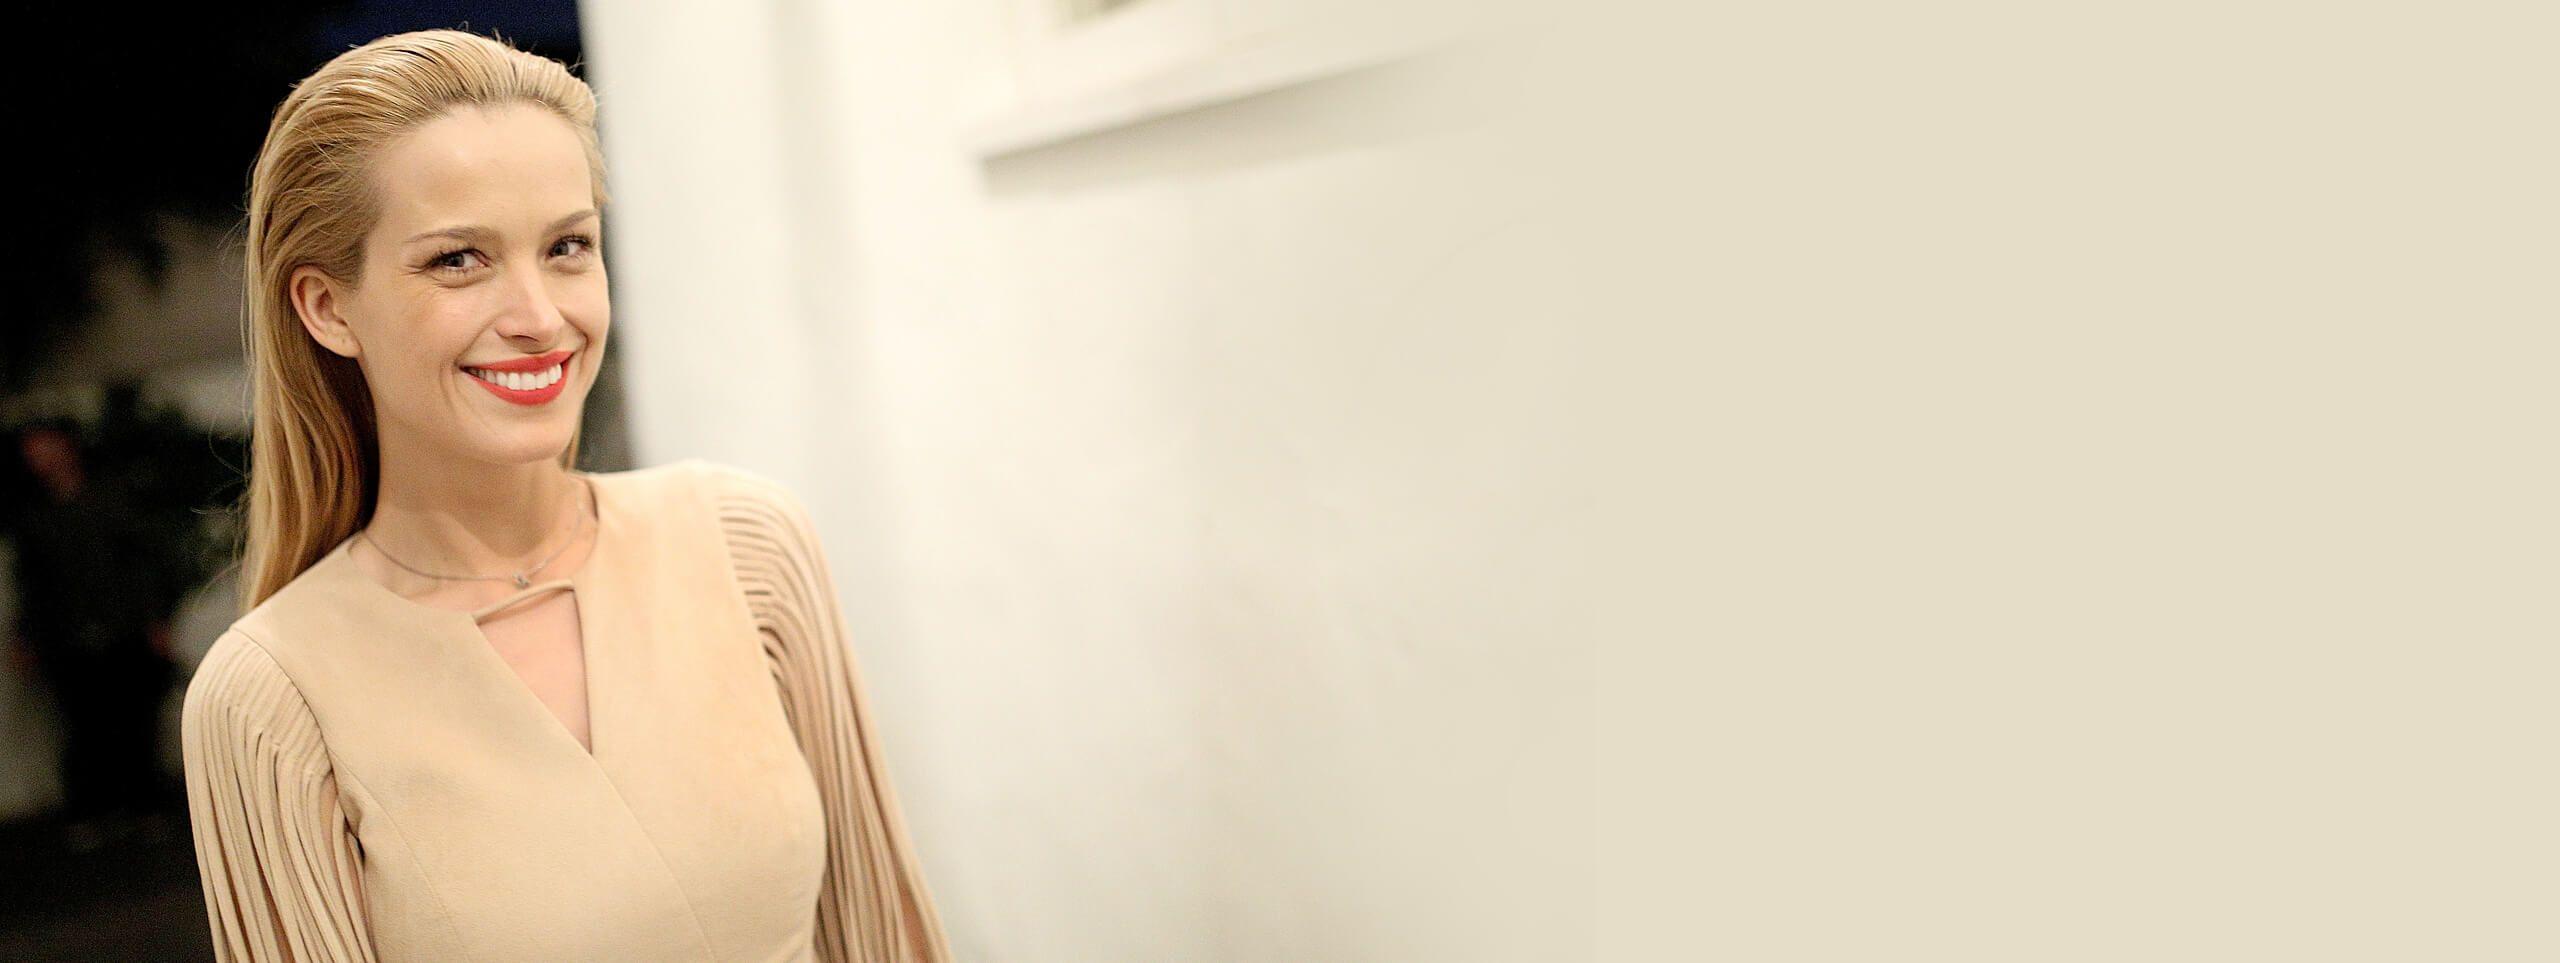 Kobieta o złotym odcieniu blondu